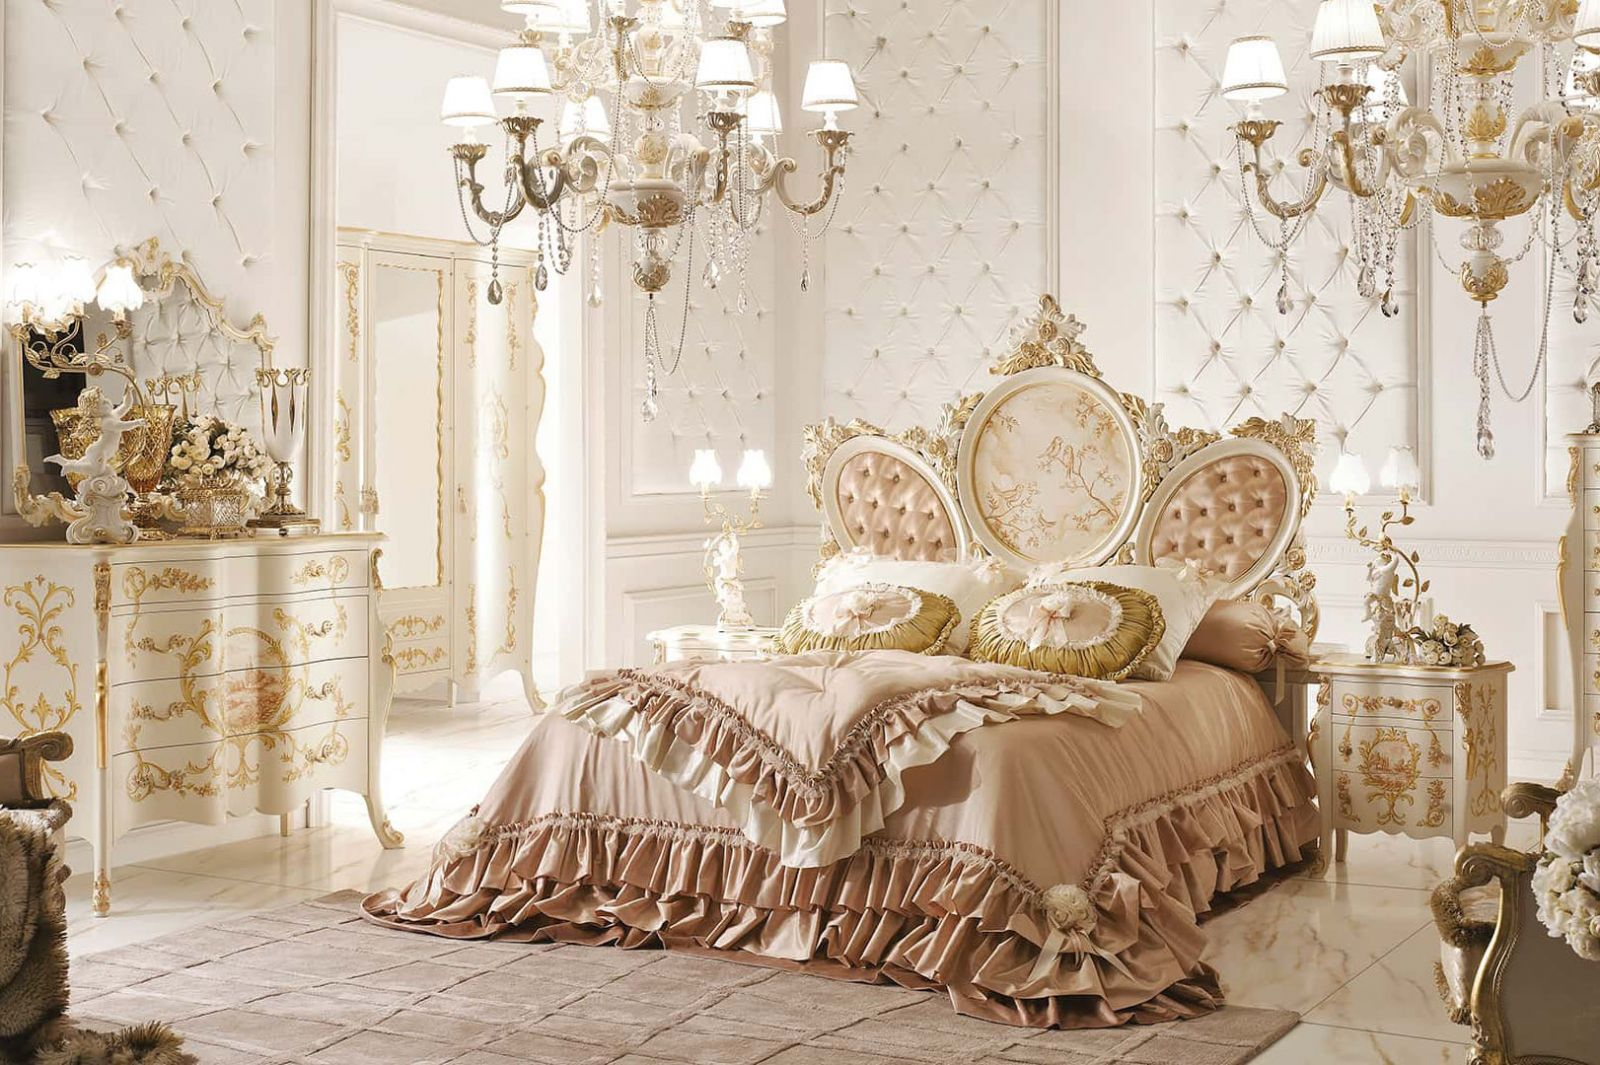 Thiết kế nội thất cổ điển Pháp lộng lẫy